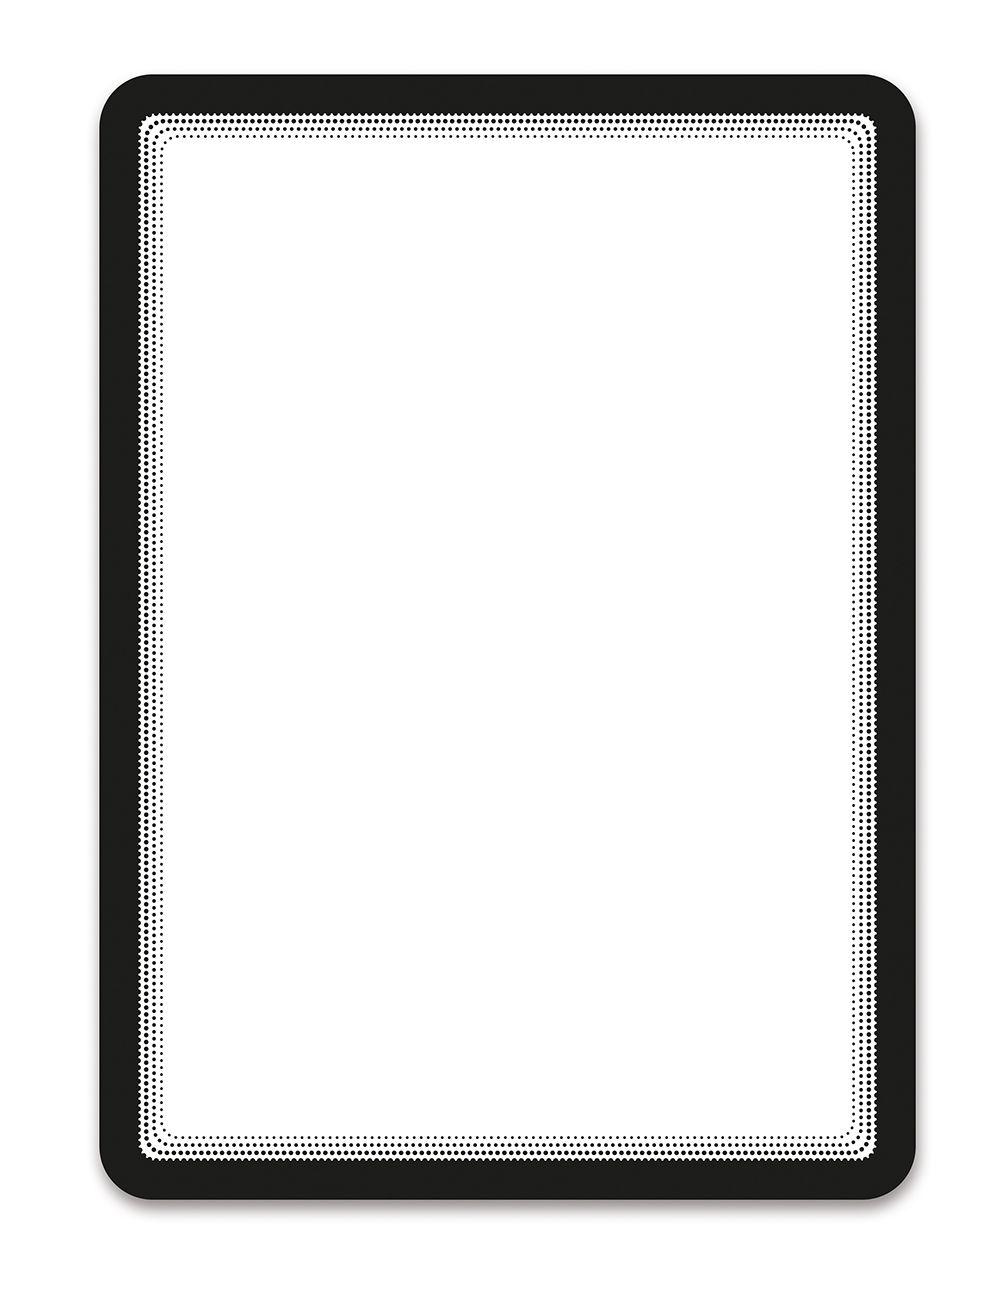 Samolepící kapsa A4 (sada 2ks), nepermanentní, Černá TARIFOLD